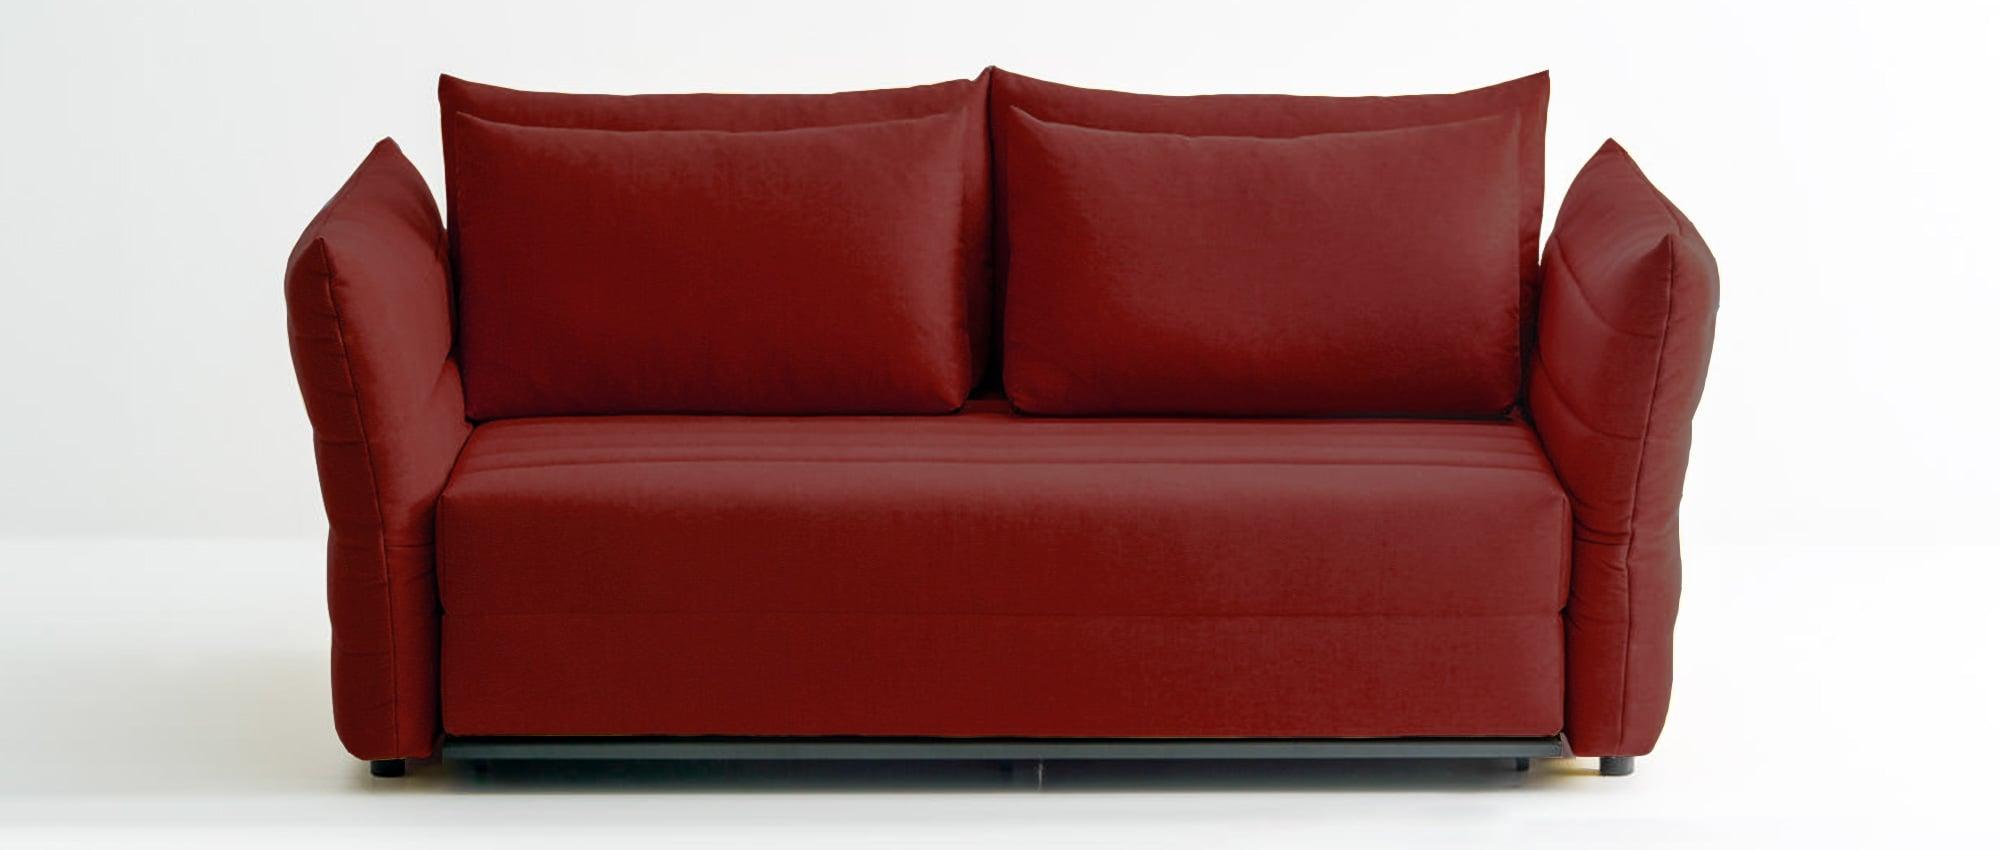 Schlafsofa ZERO von Franz Fertig in rot. Auch in grau, schwarz, weiß, grün, gelb usw. erhältlich. Franz Fertig hat eine große Auswahl.